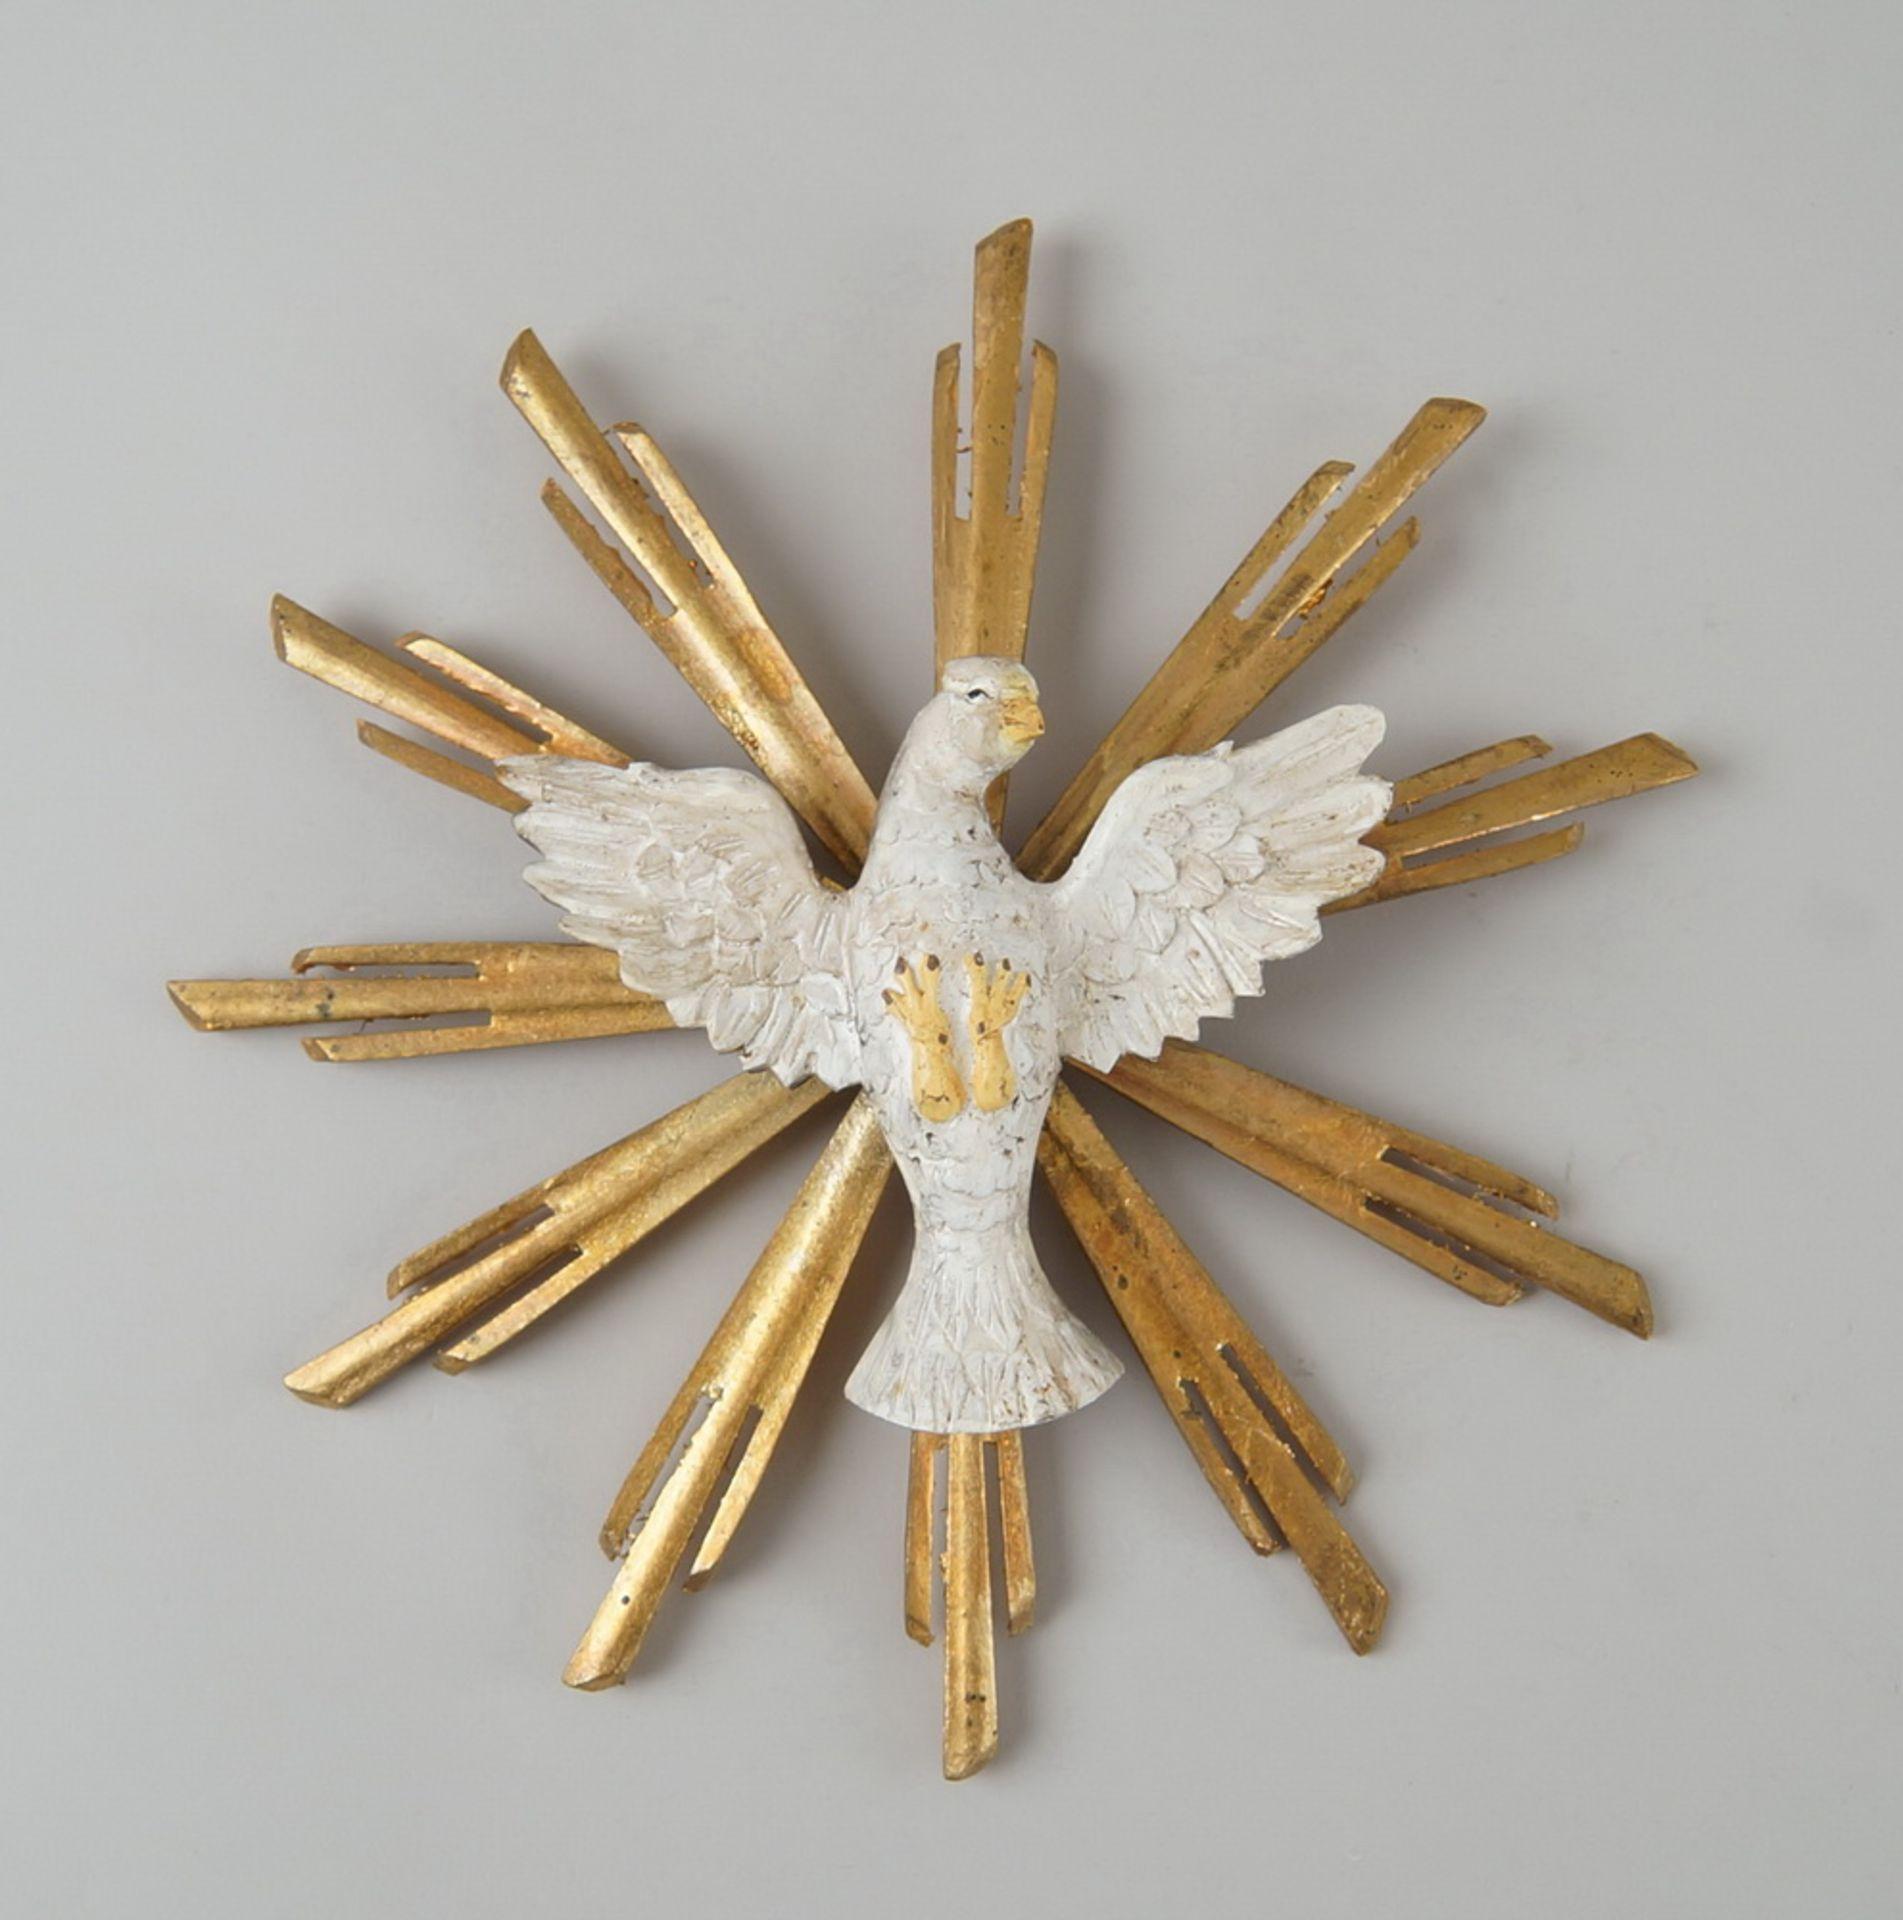 Los 1 - Kleiner heiliger Geist, Holz geschnitzt und gefasst mit prunkvollem Strahlenkranz,Durchmesser 26,5